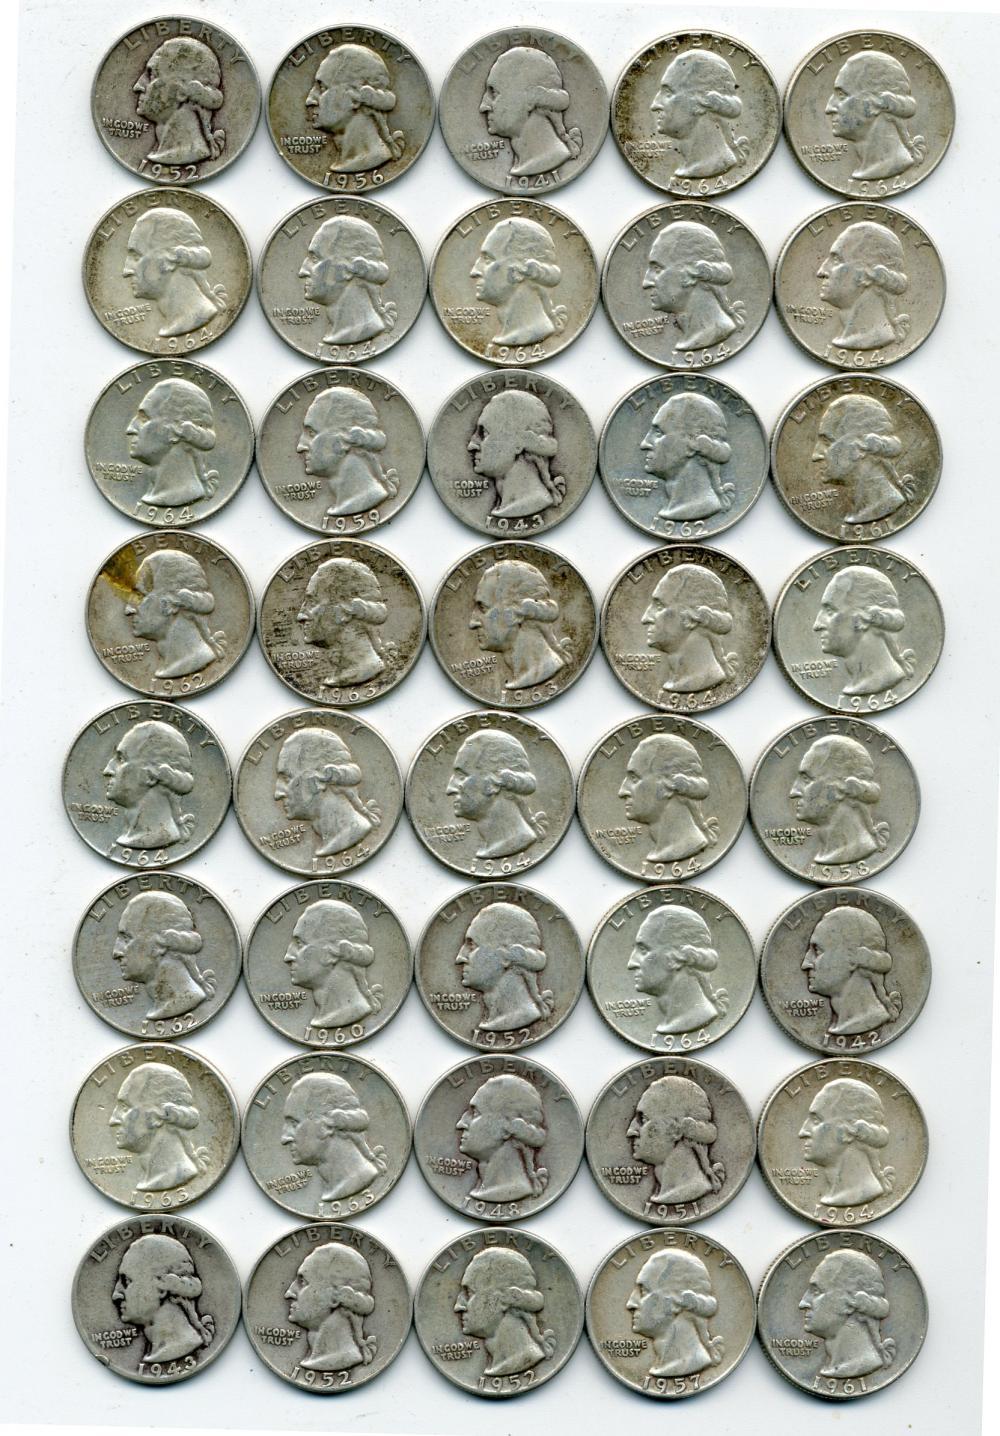 (40) Original U.S. Washington Silver Quarters